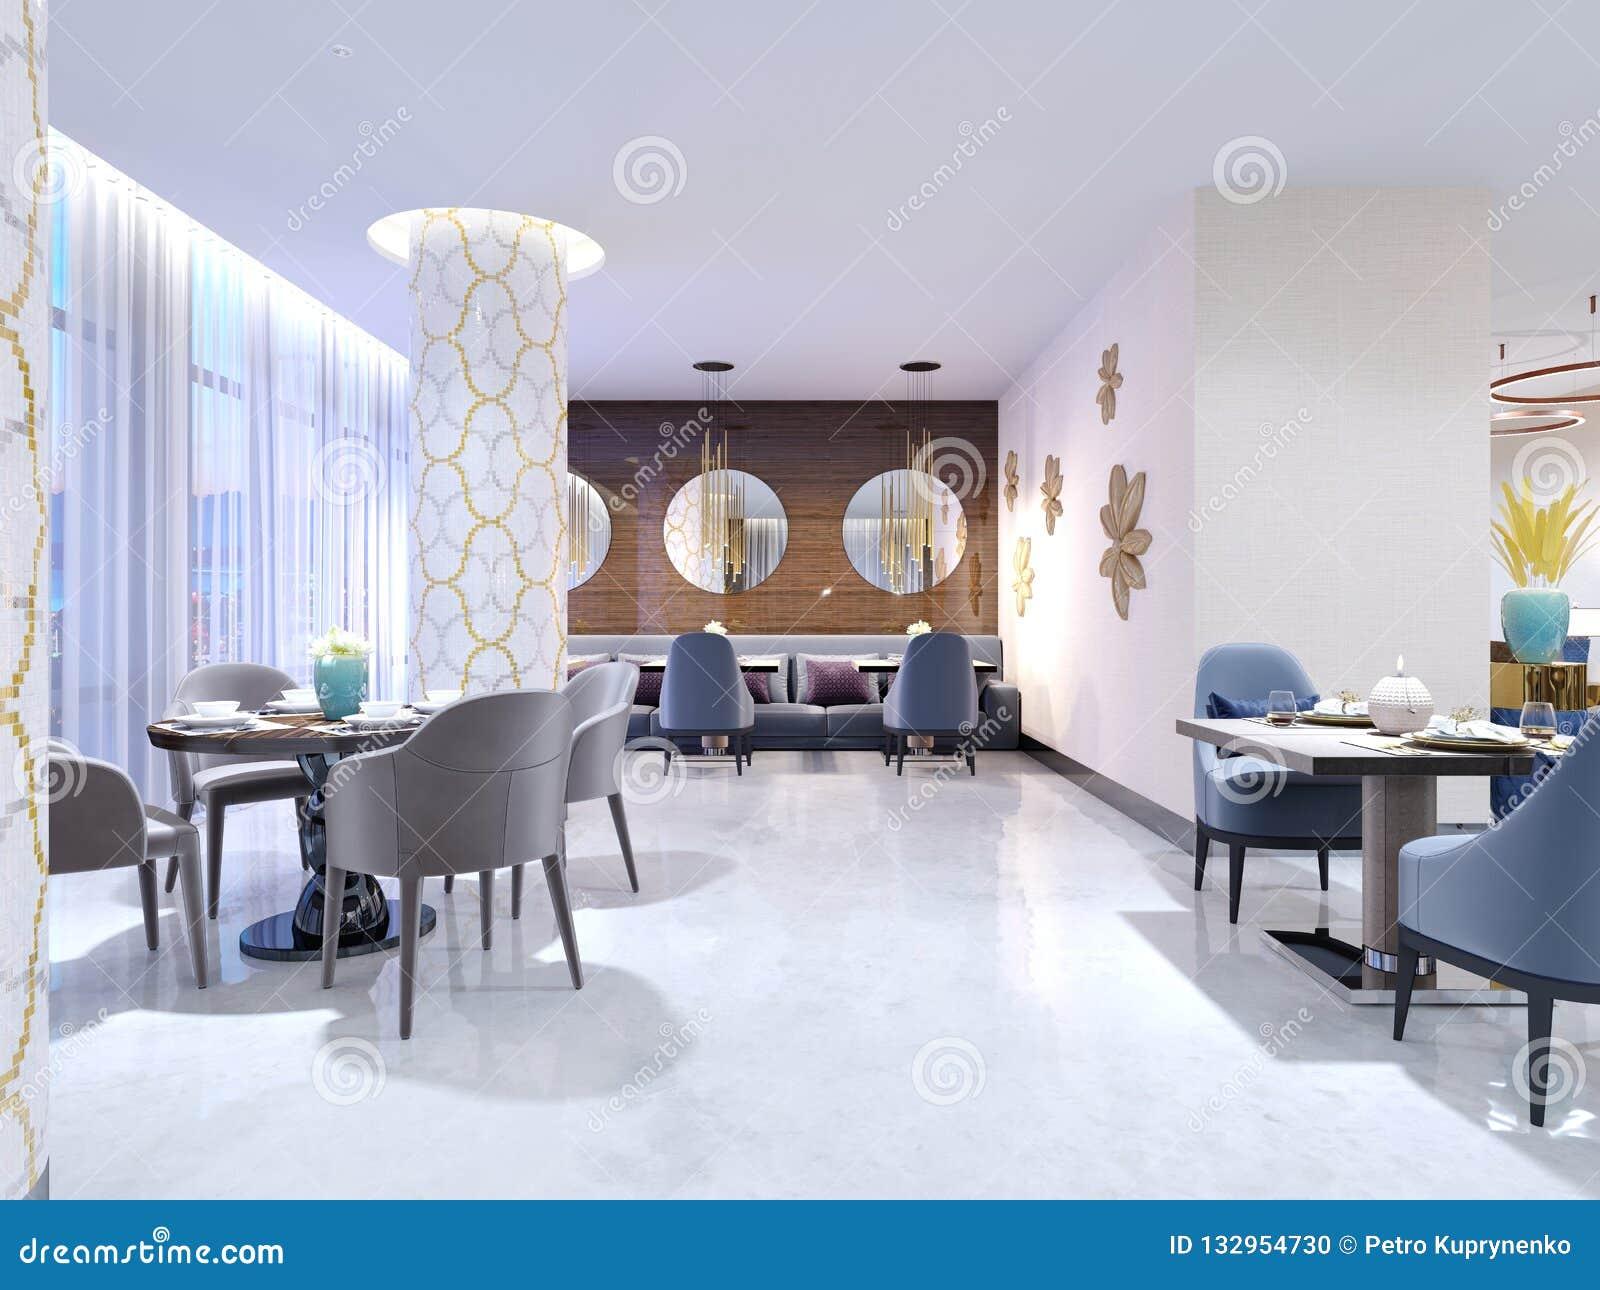 El restaurante lujoso, brillante del hotel con cuatro y dos sillas y tablas se sirve Piso y columnas blancos como la nieve en el